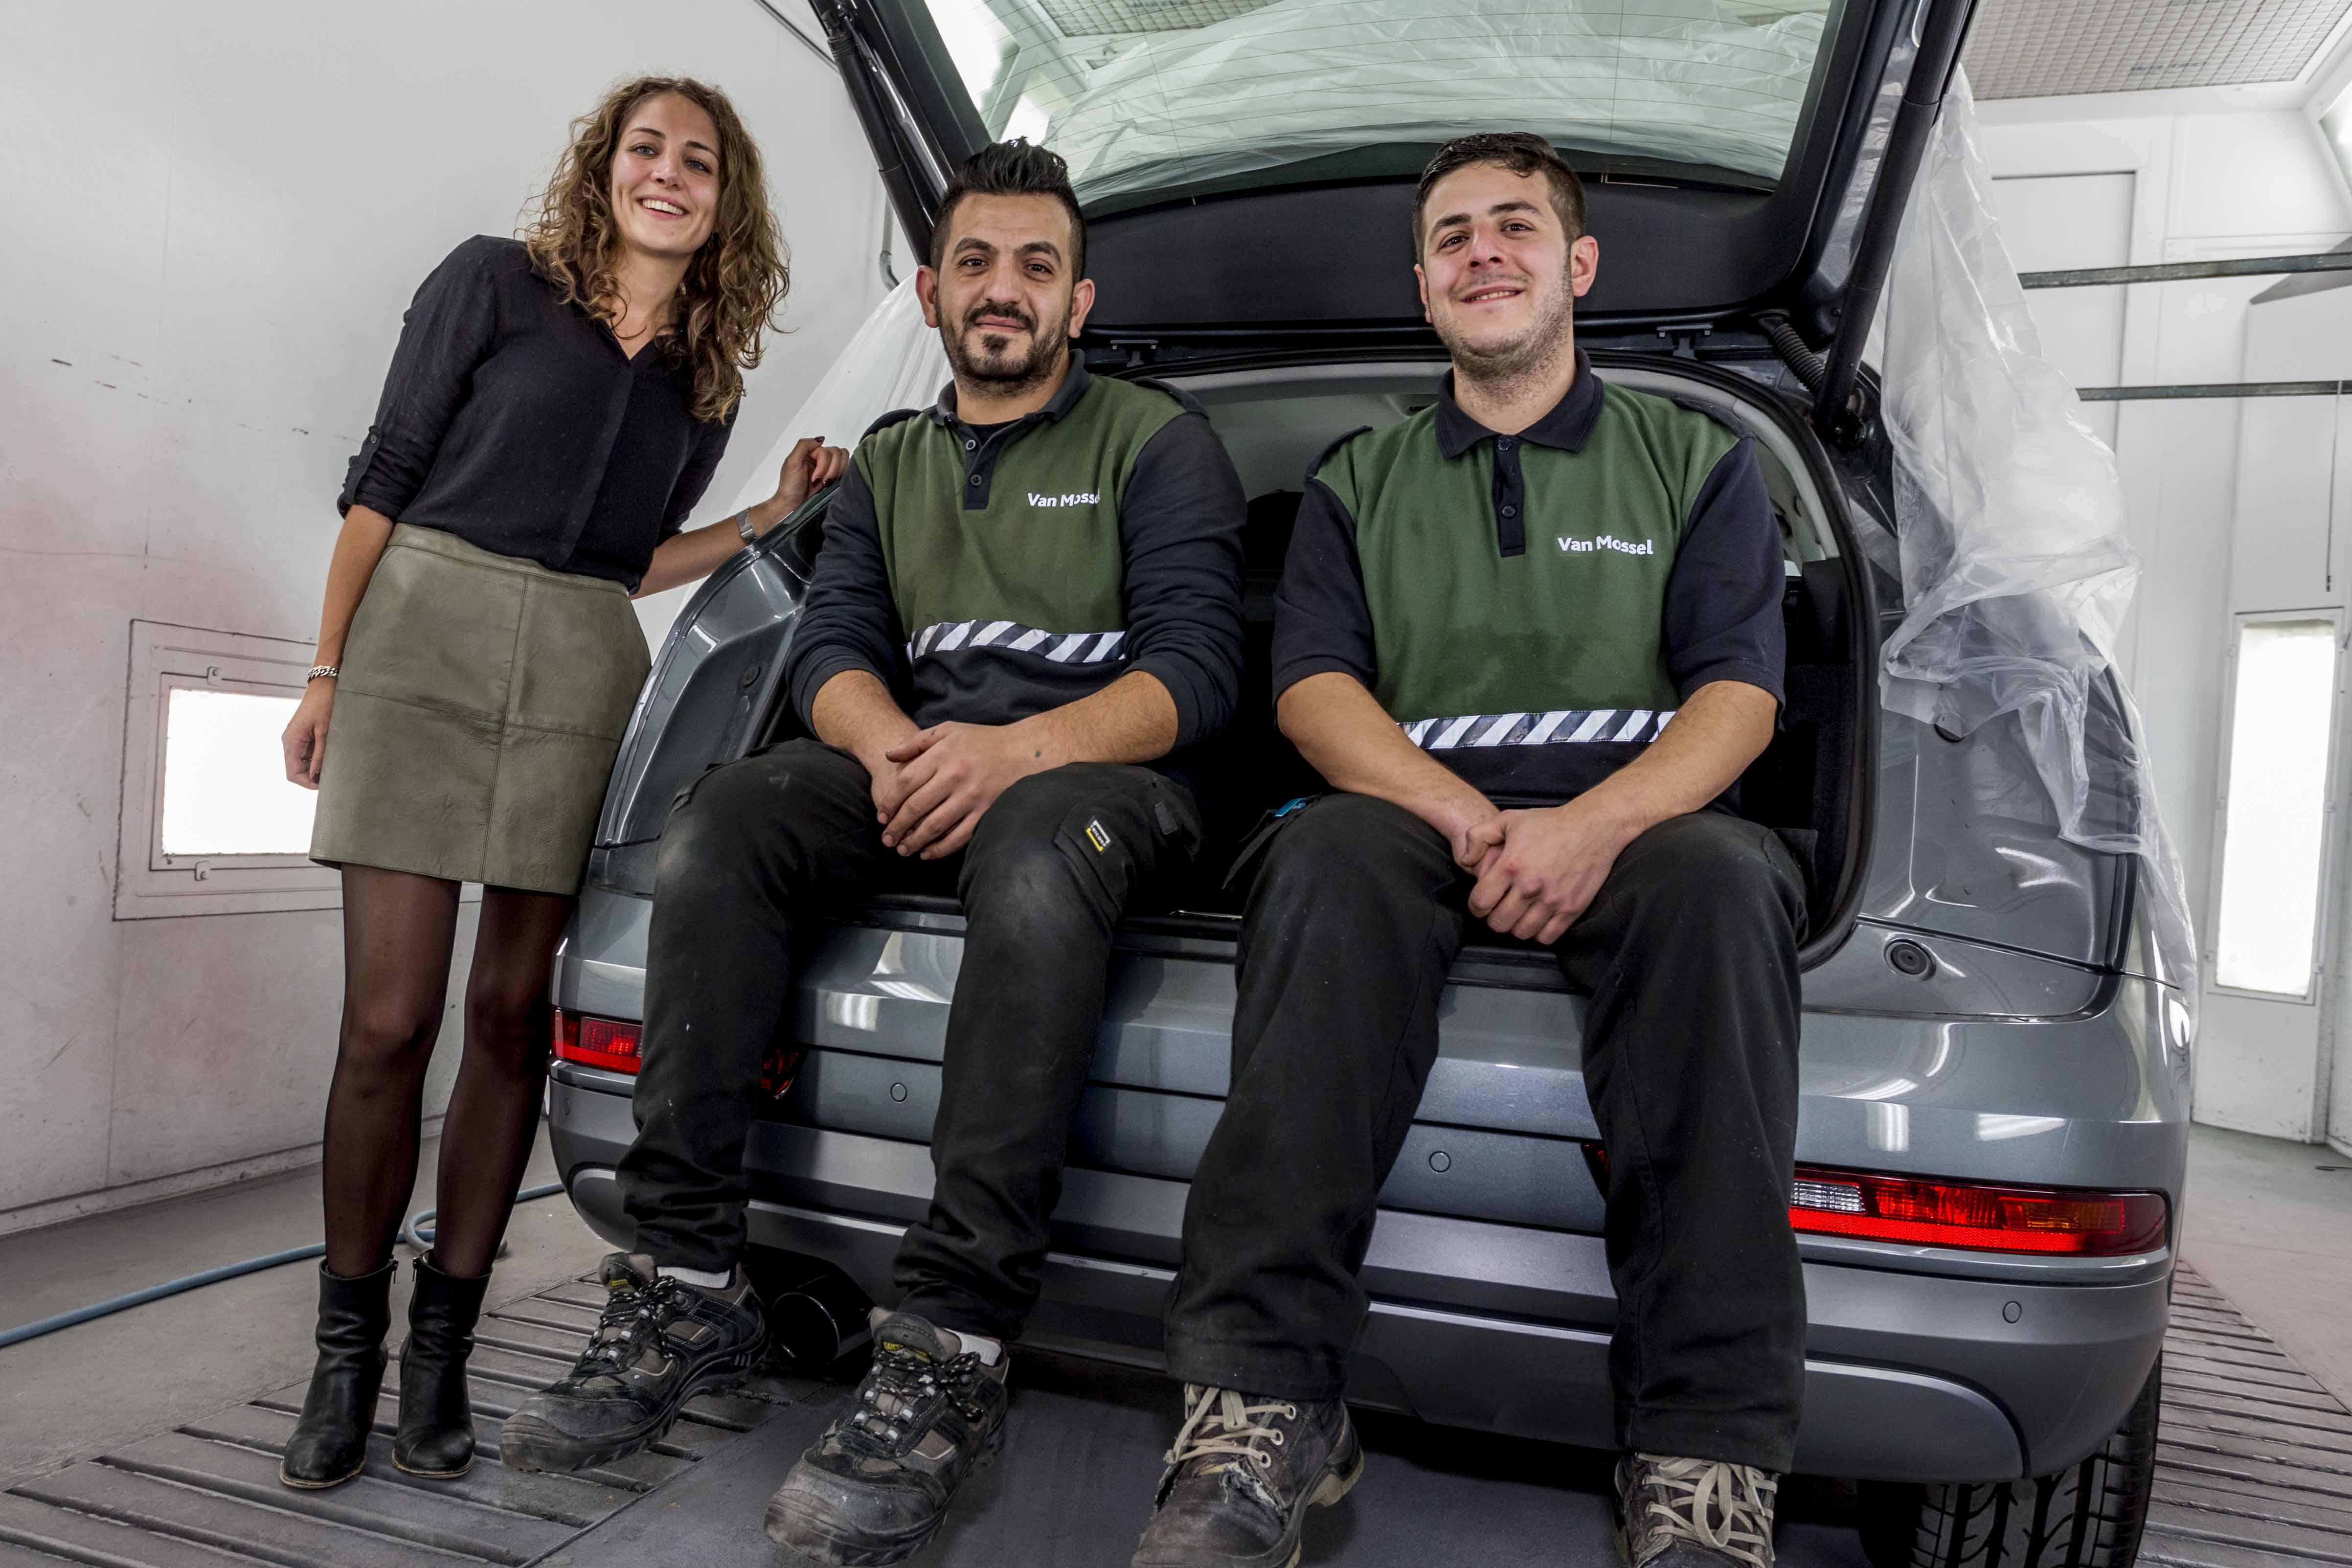 Daphne Franken van Van Mossel Autoschade op de foto met twee kersverse schadeherstellers Hasaan Ibrahem en Basheer Tahhan.